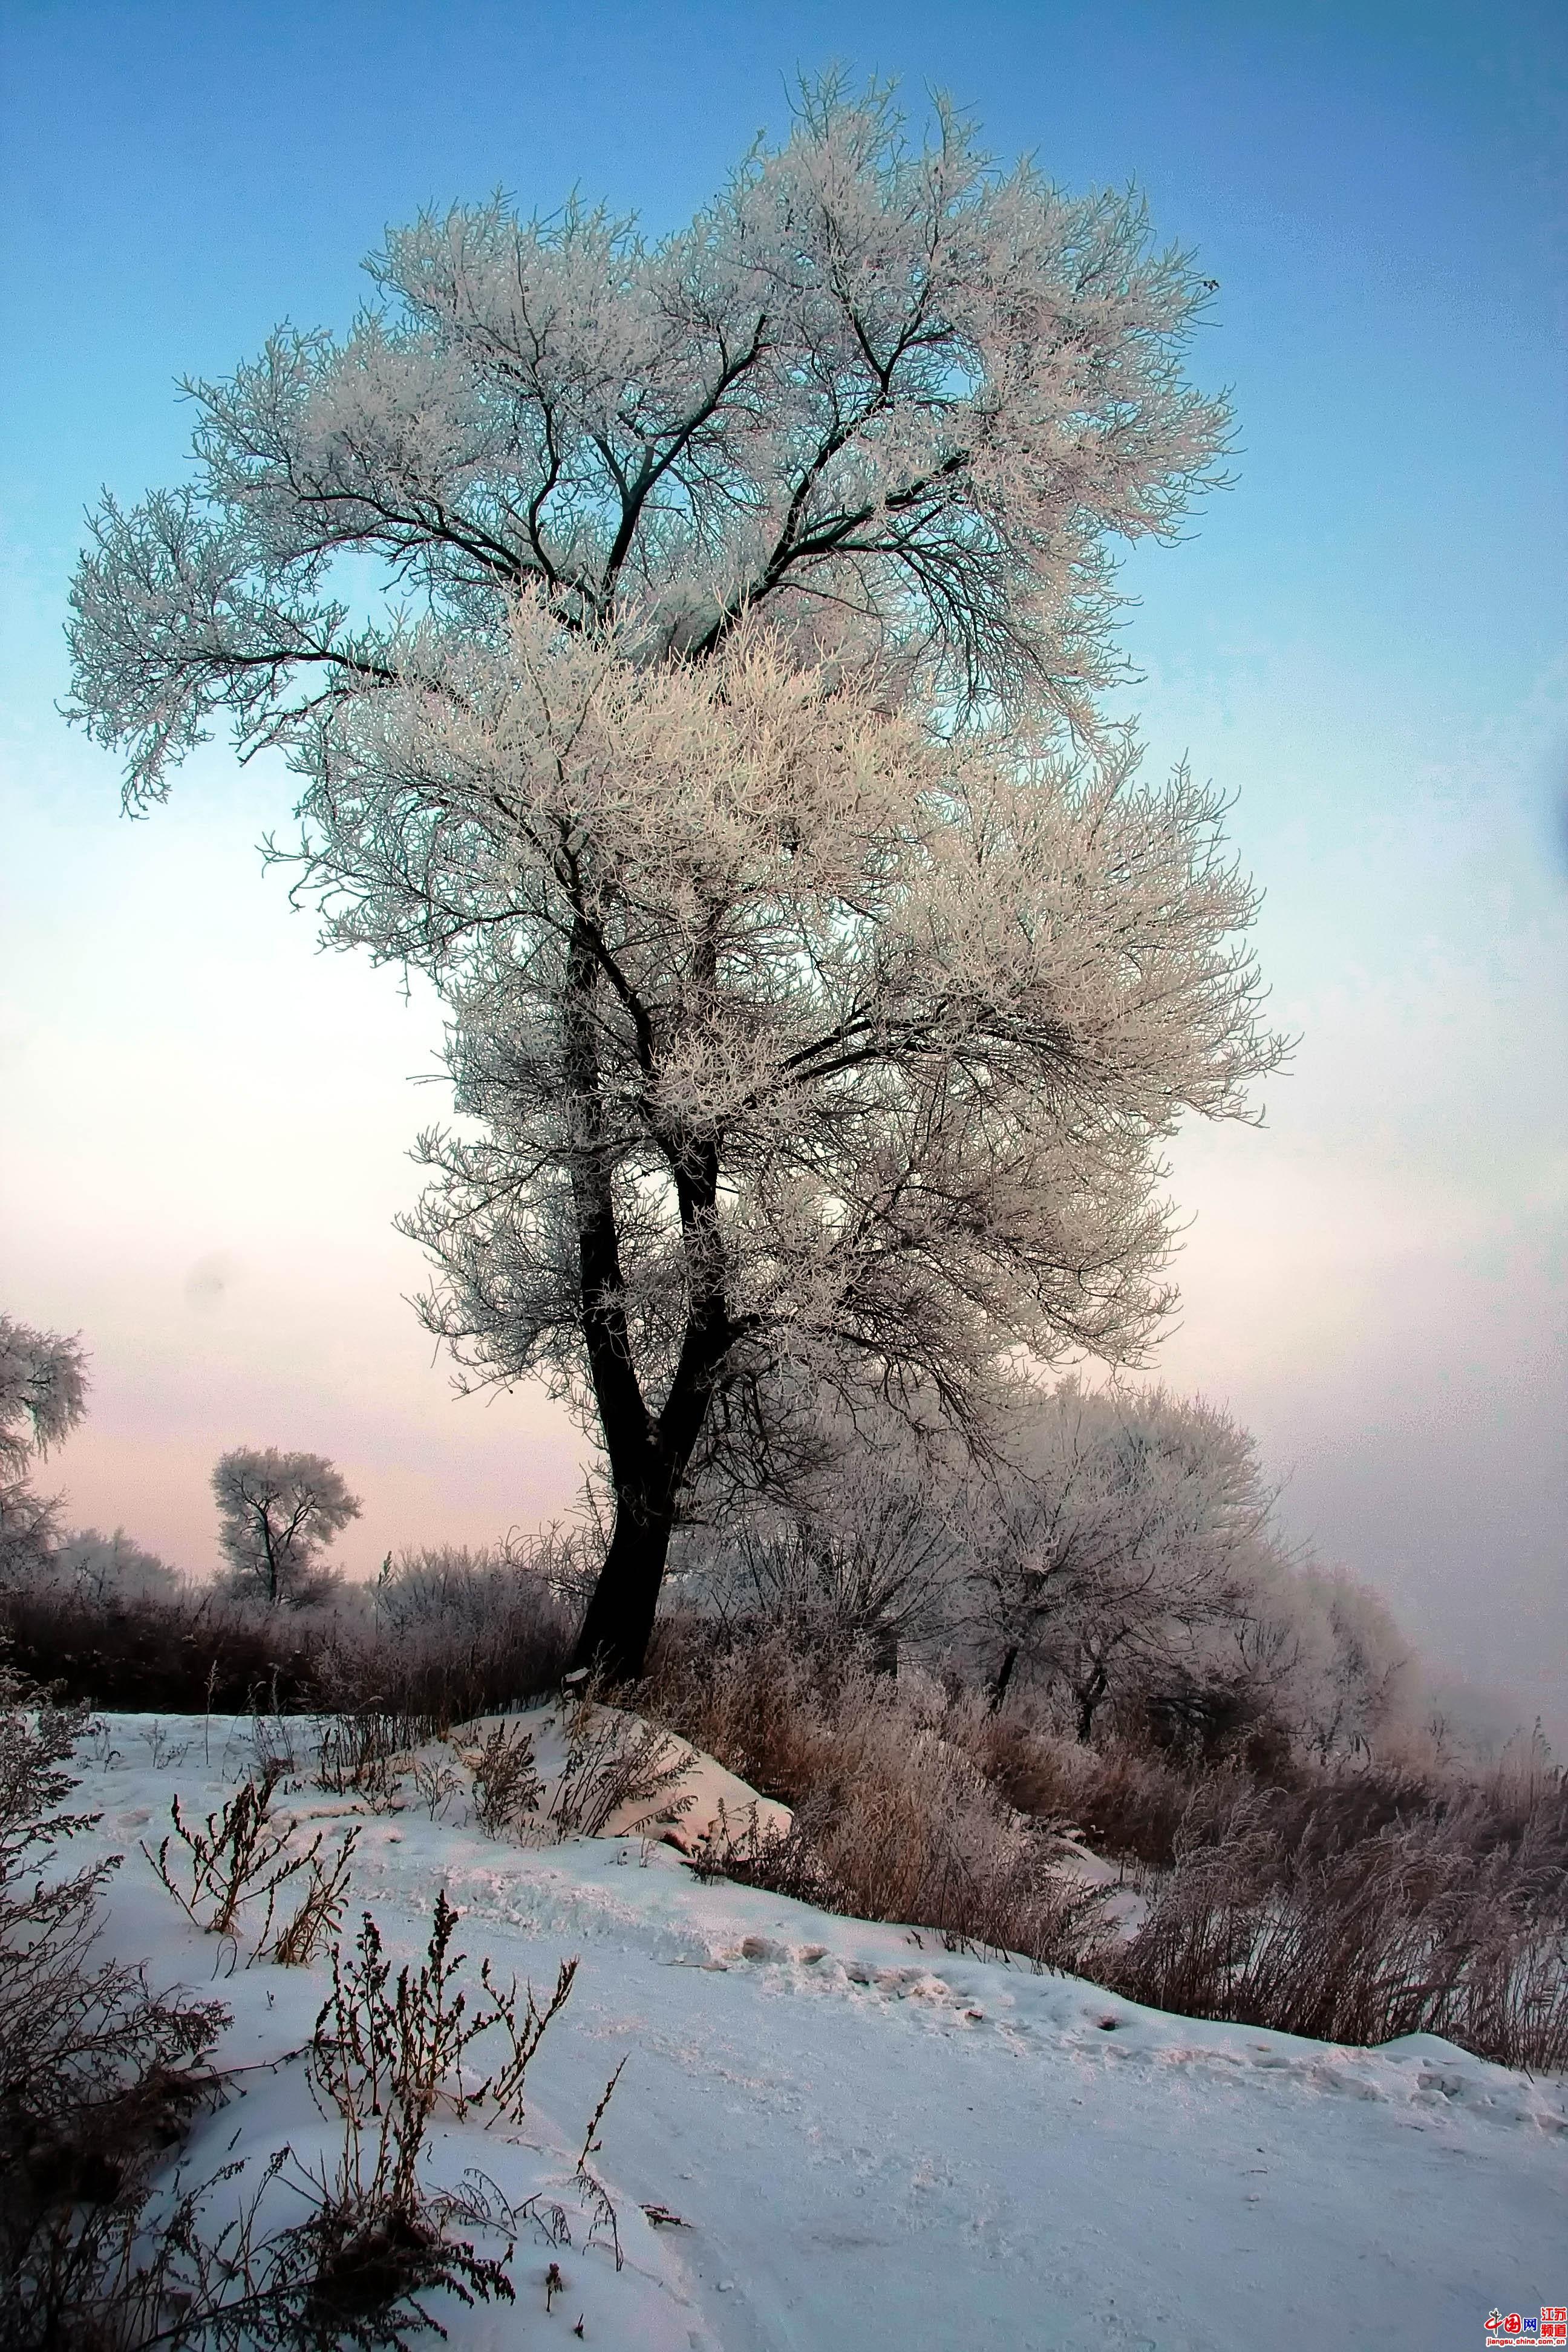 雾松岛因雾凇多且美丽而得名。这里的地势较吉林市区低,又有江水环抱。摄影 郑鹏